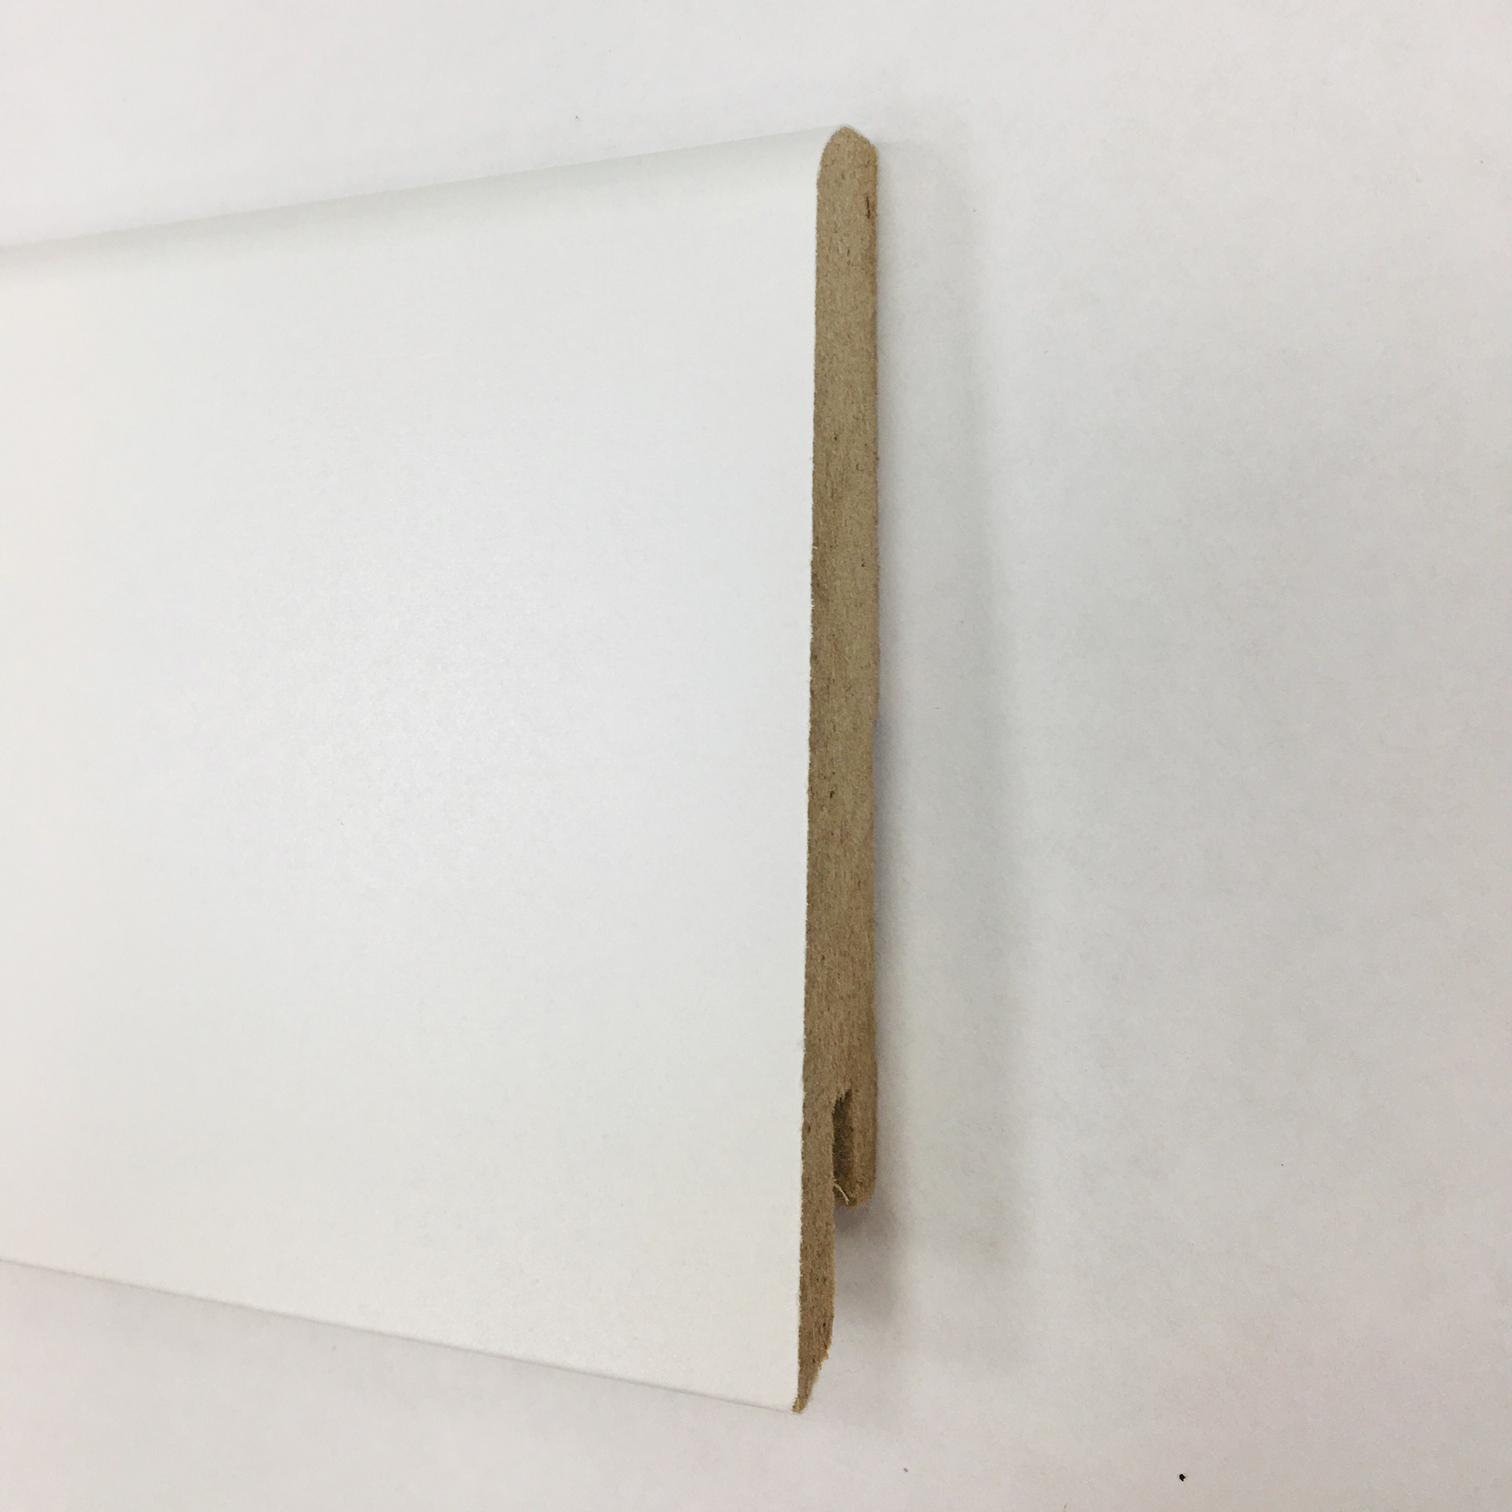 PLINTHE MDF BLANC 80x15 DINACHOC P801 - Certifié PEFC 70%